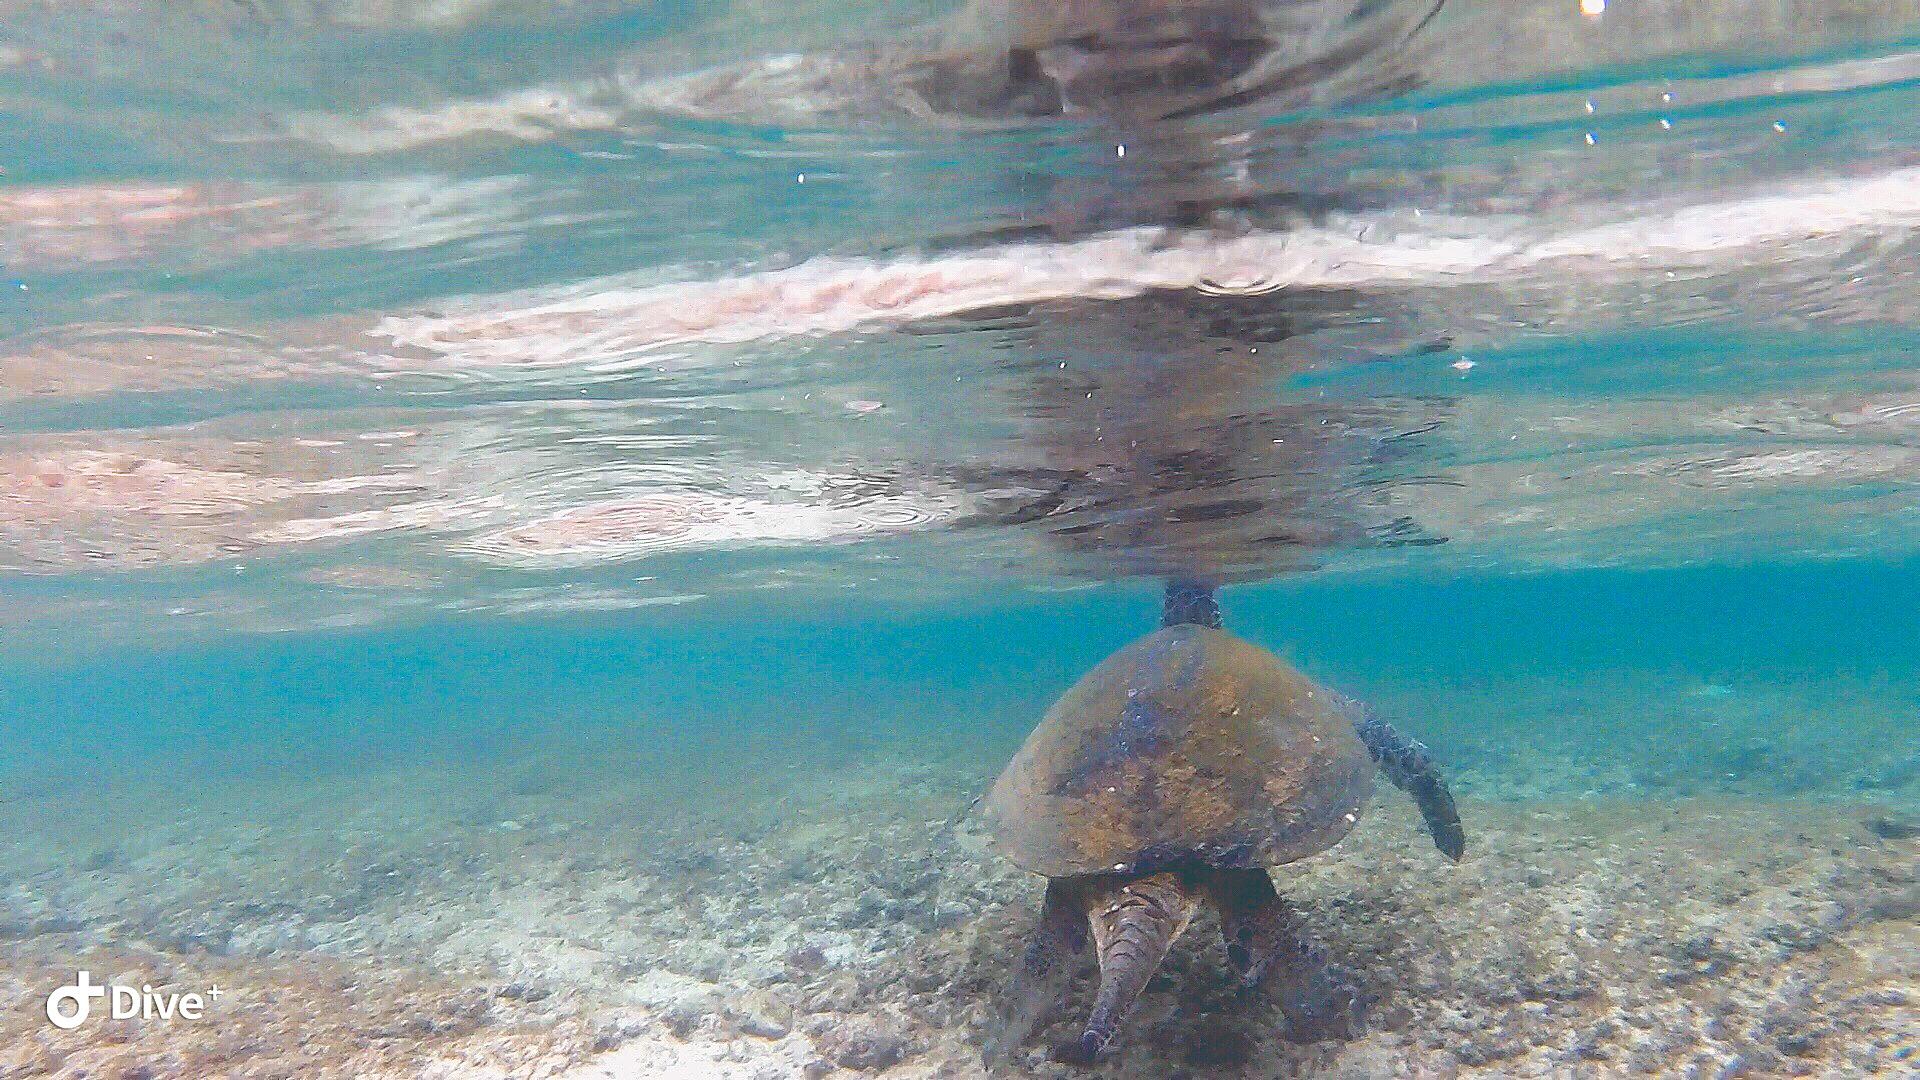 潛往小琉球海底機場看飛機 x 海龜航空限定版 x 奧之海潛水